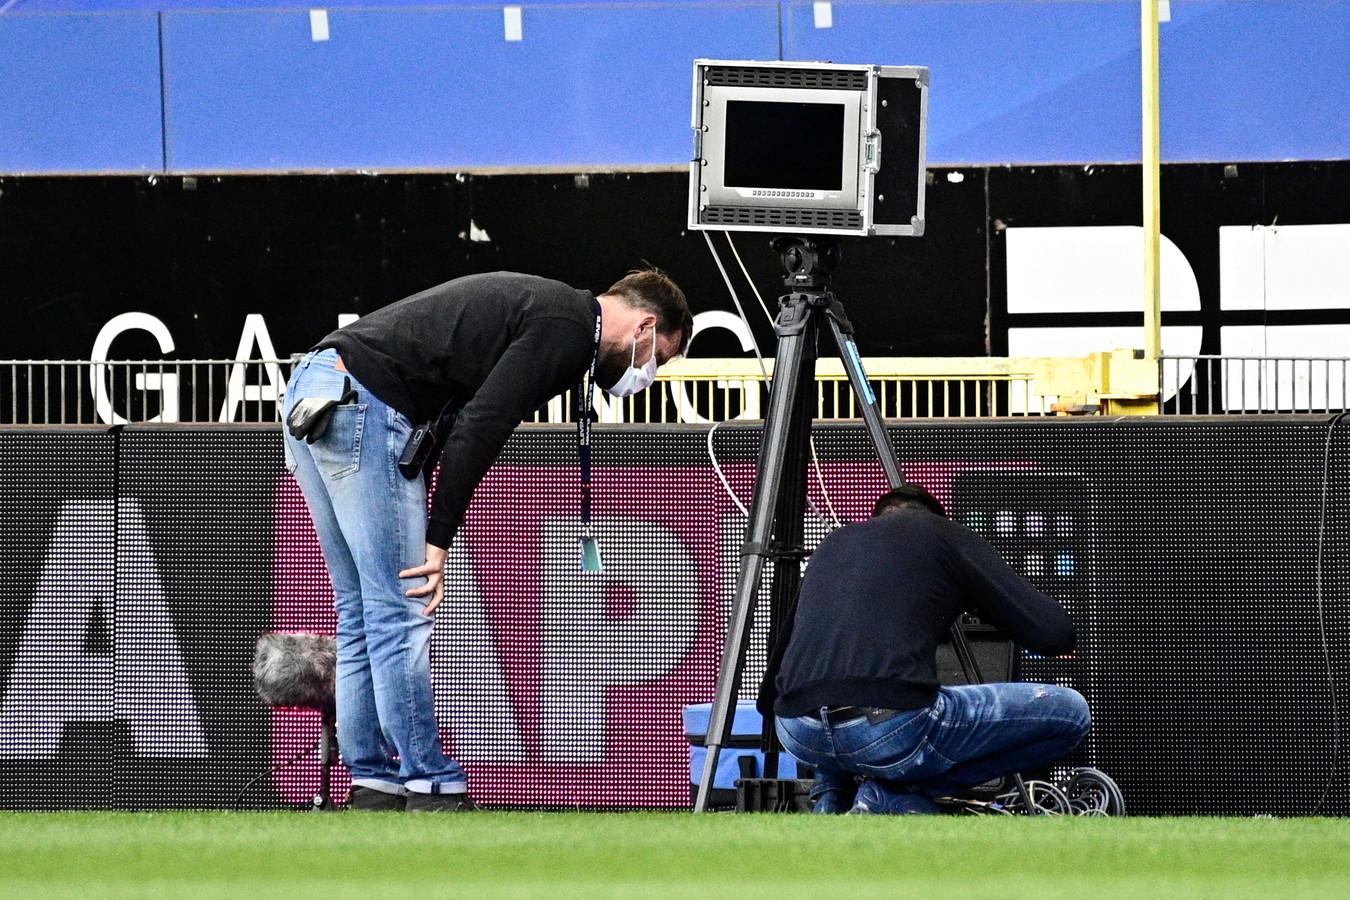 De VAR arriveerde zo laat in het stadion dat het niet mogelijk was om de wedstrijd op tijd te laten beginnen.